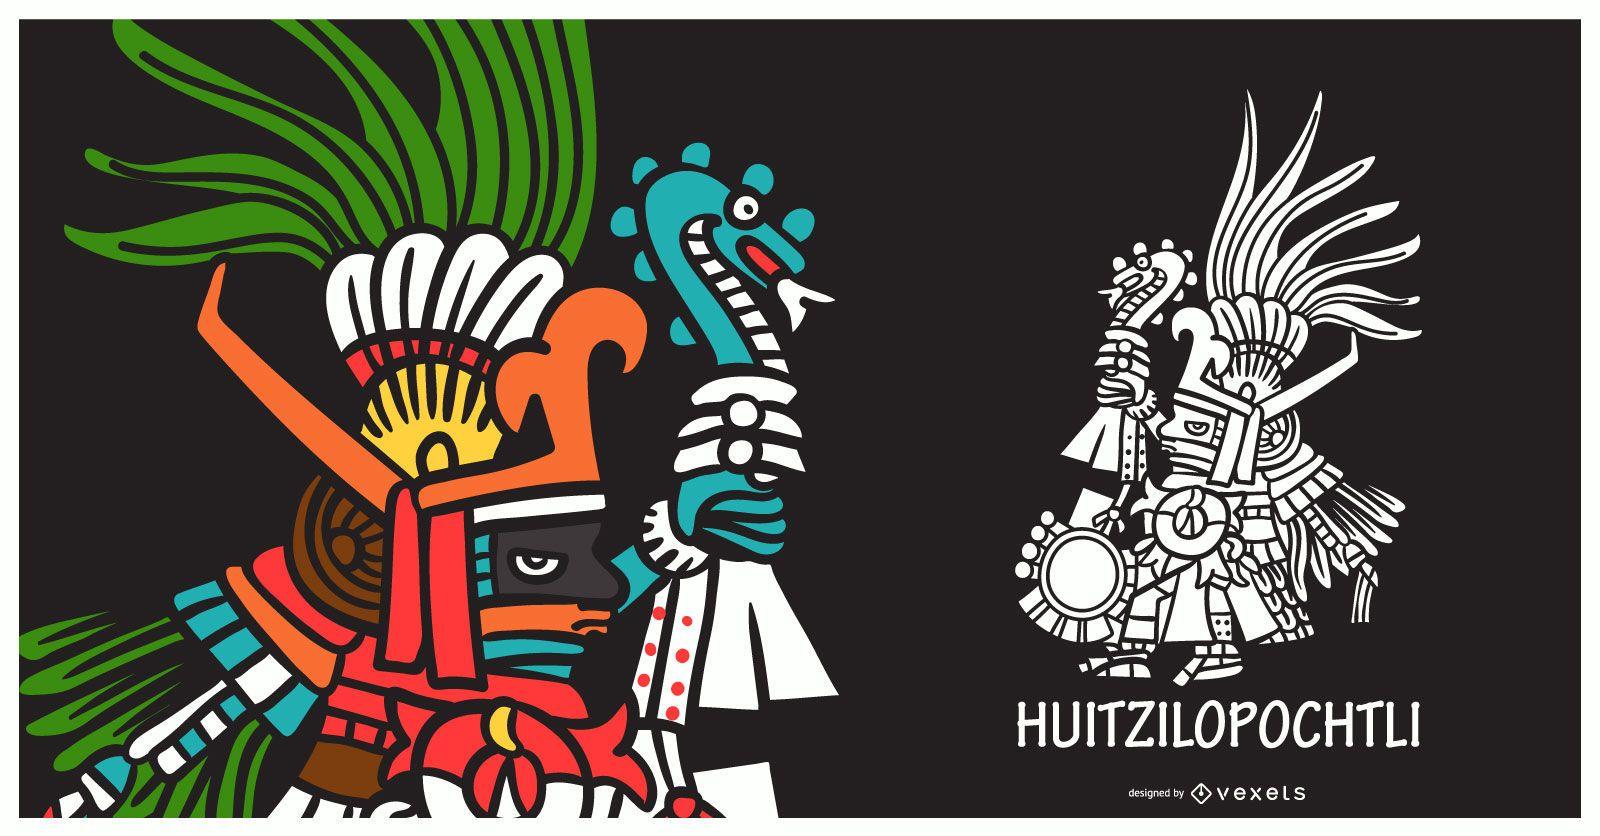 Aztec god huitzilopochtli illustration